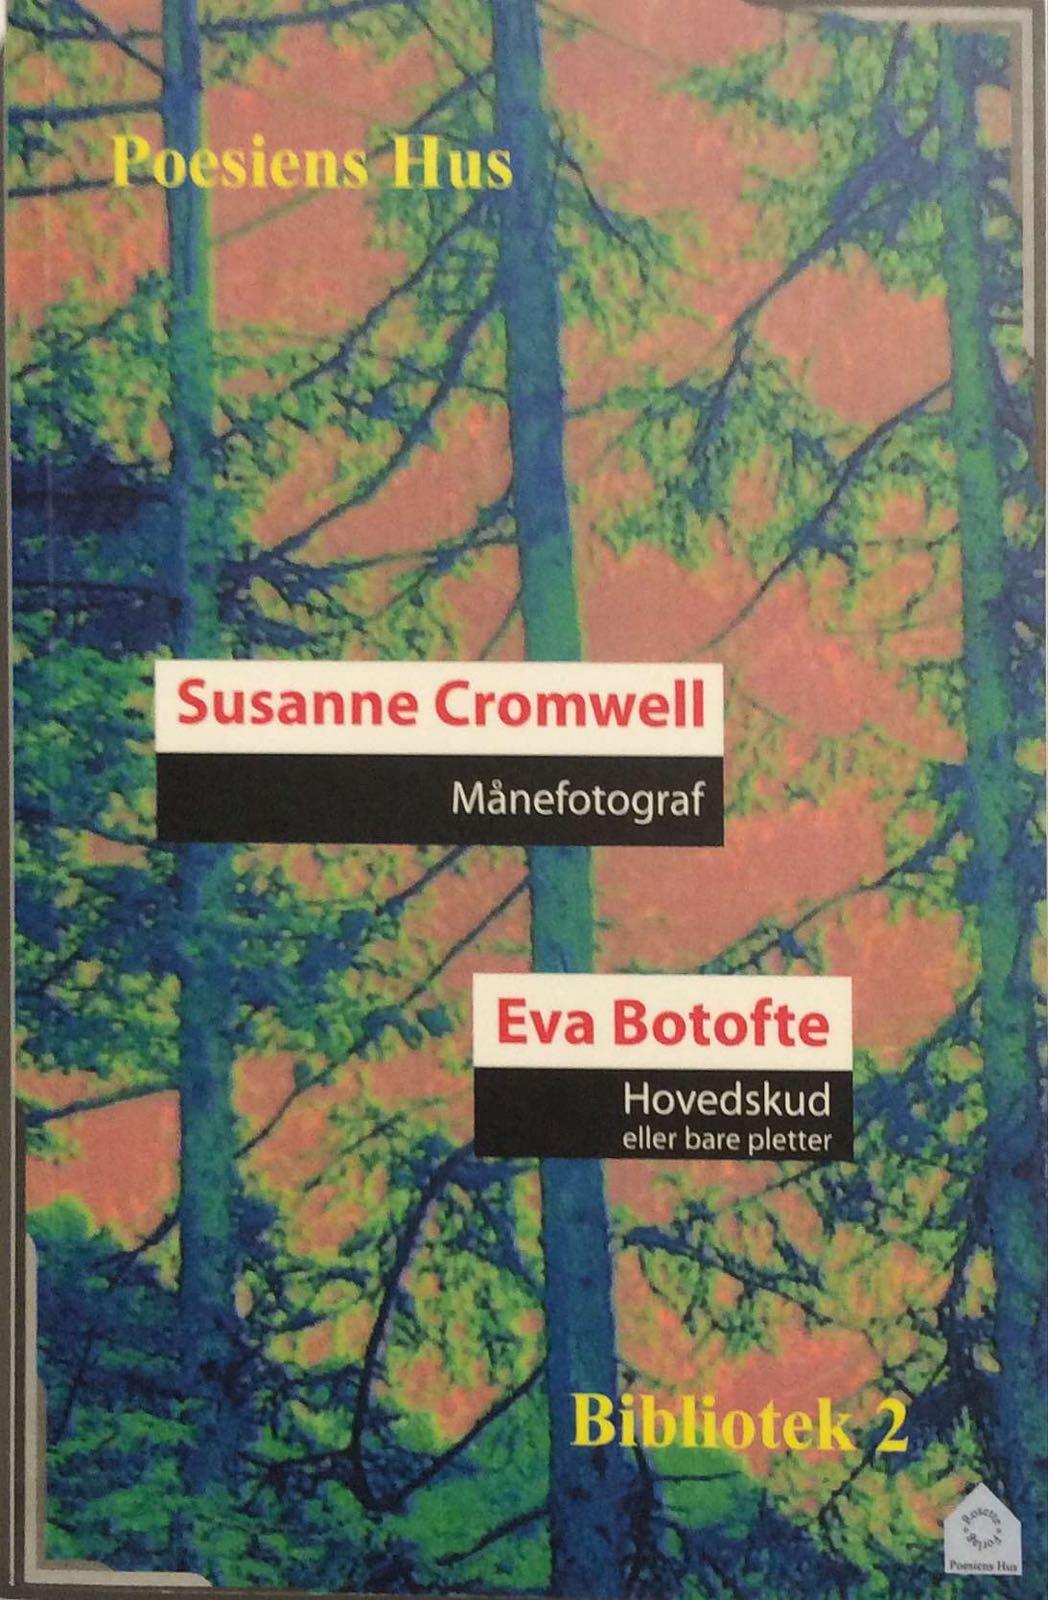 Cromwell, Susanne & Botofte, Eva. Månefotograf/Hovedskud